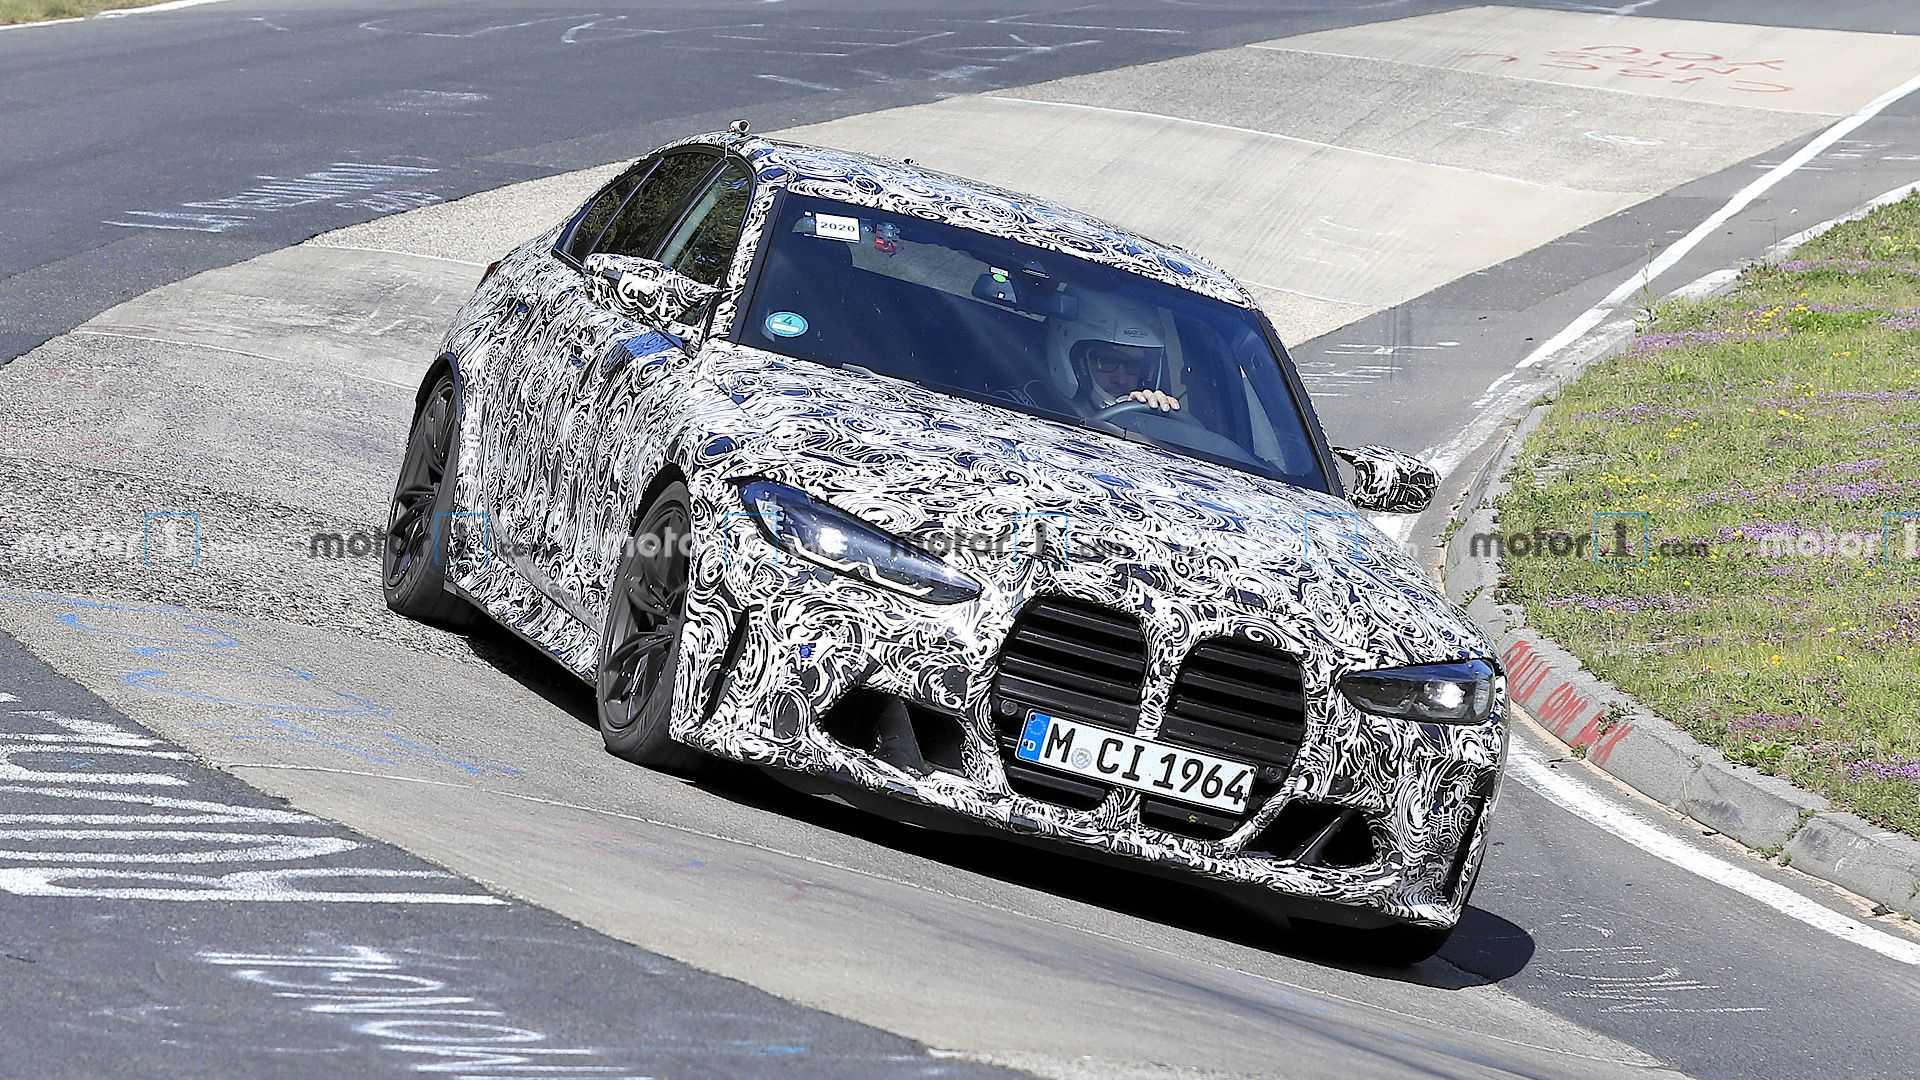 2020 - [BMW] M3/M4 - Page 18 Bmw-m3-spy-photos-front-3-4